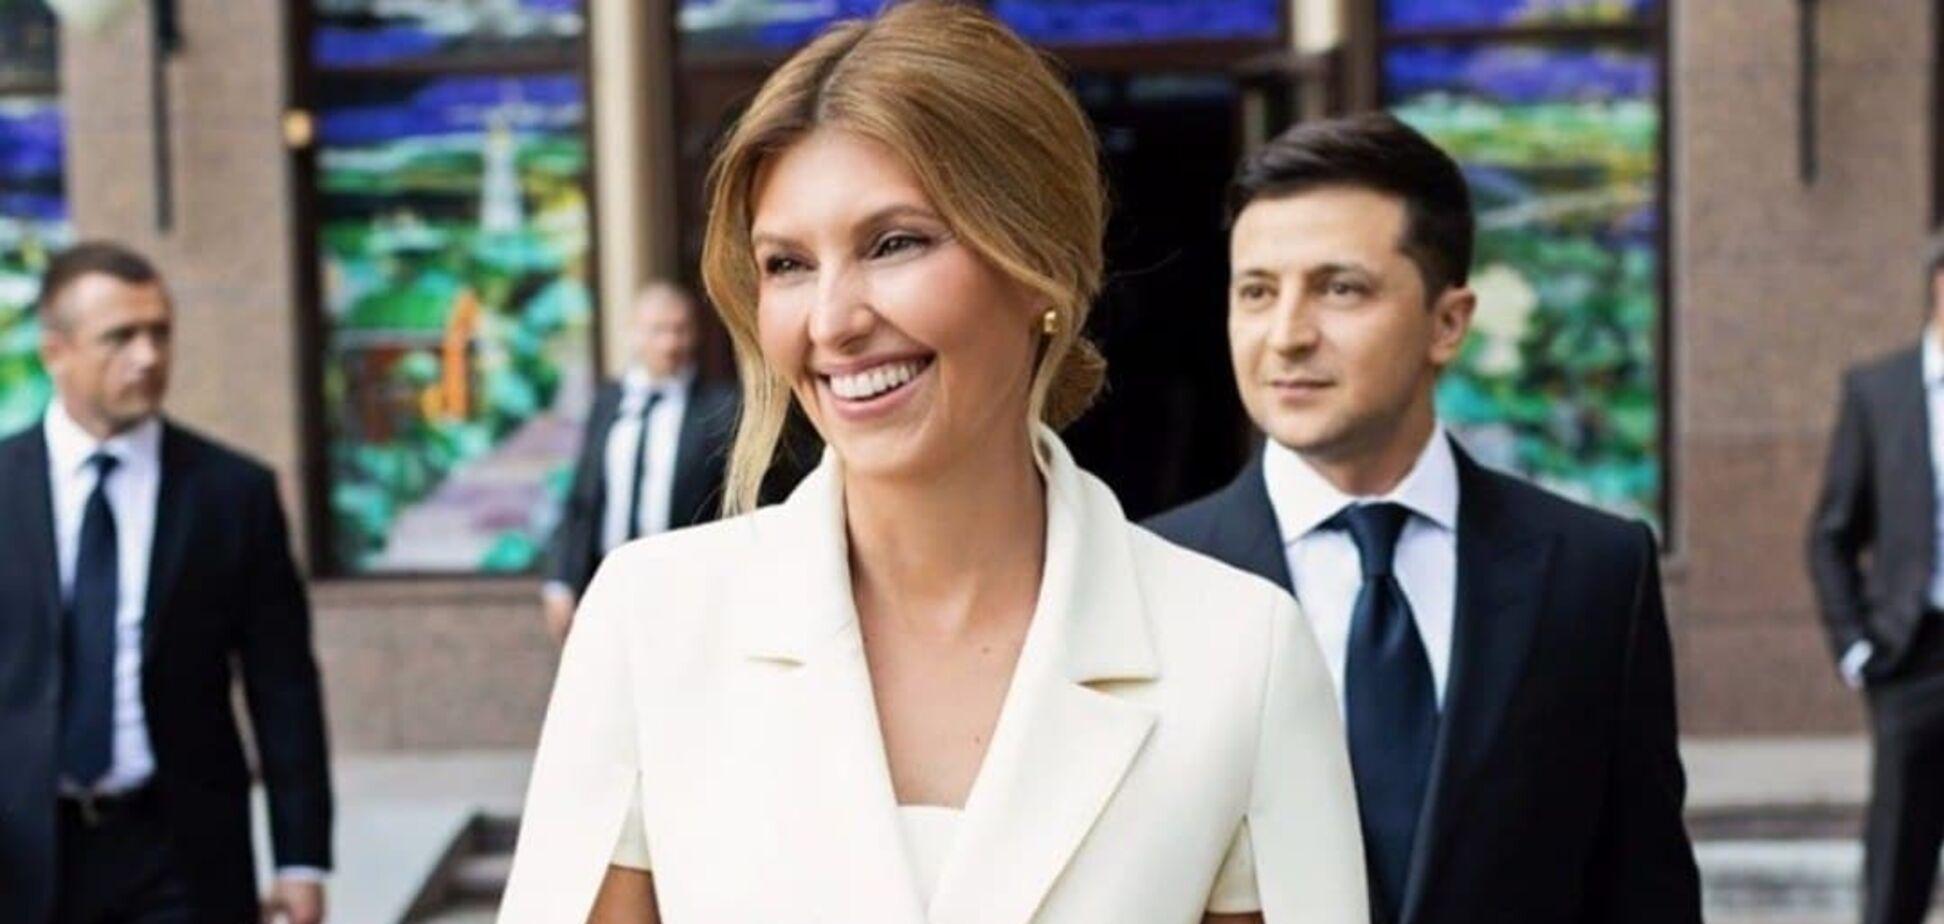 Елена Зеленская посетила Полтаву в стильном белом костюме. Фото